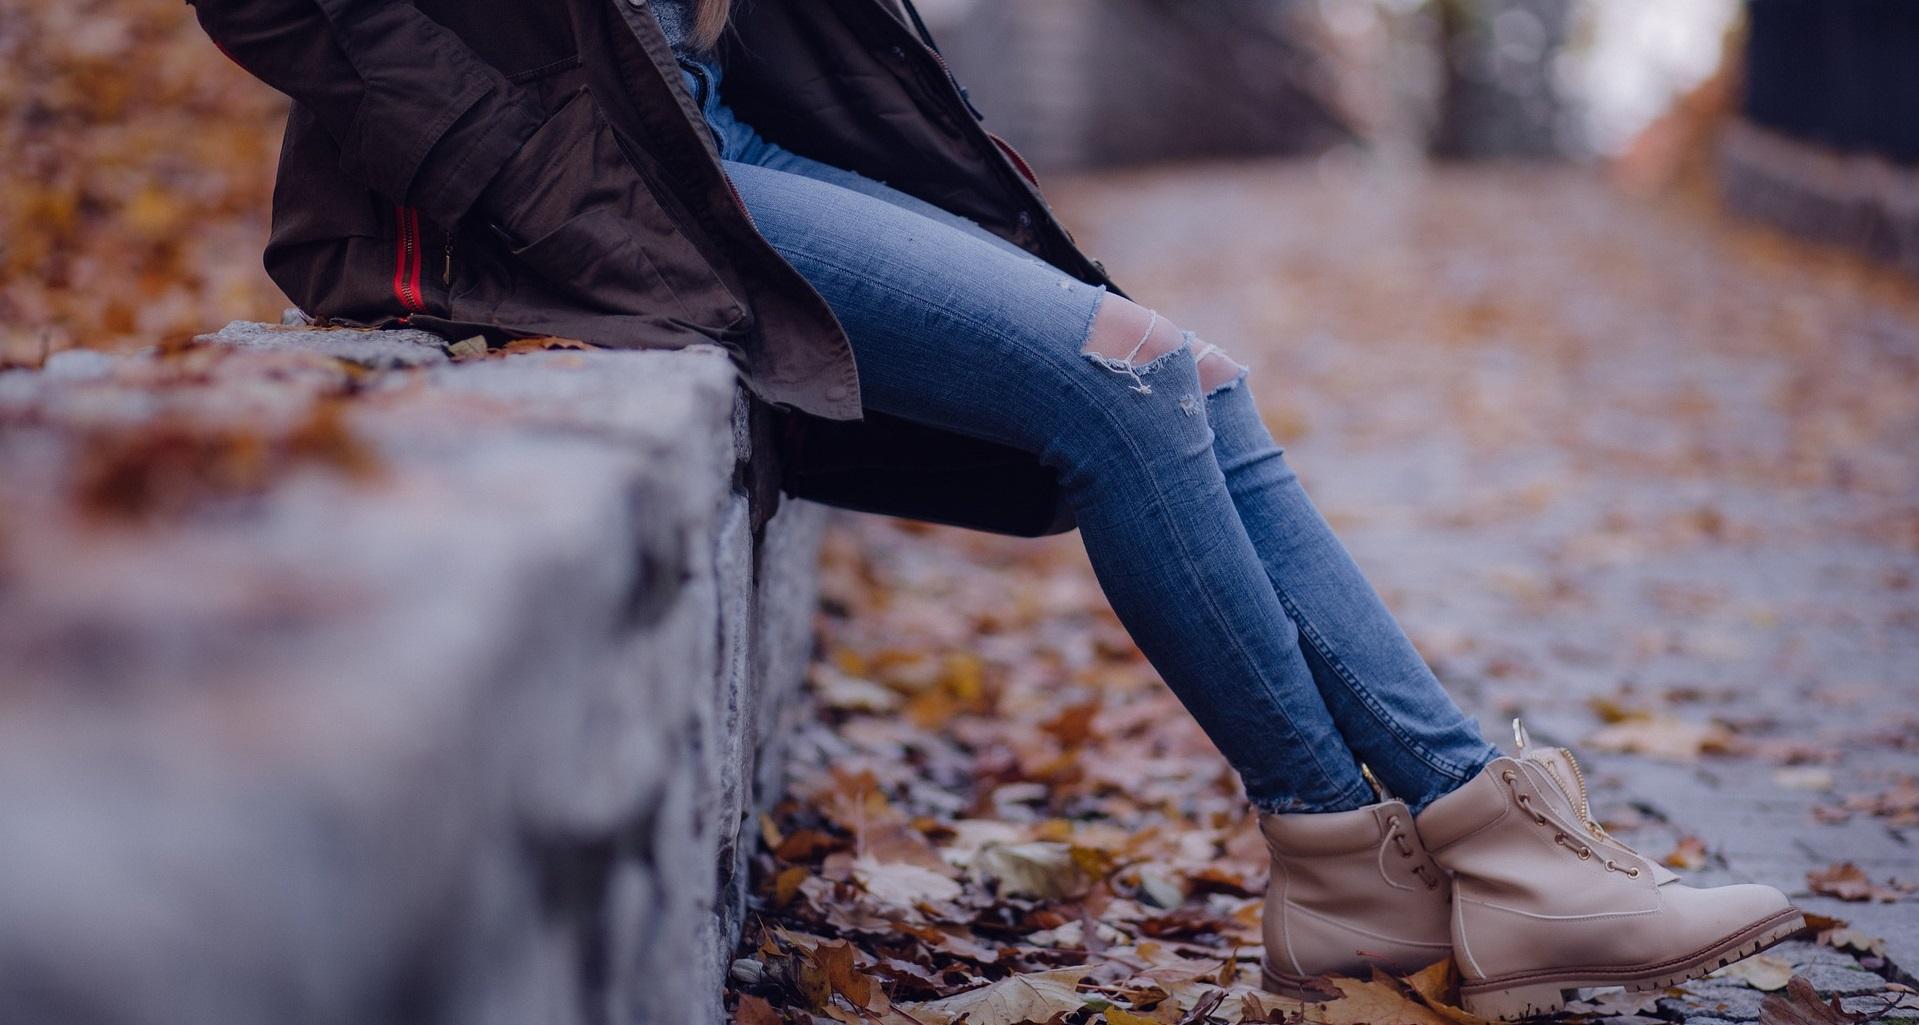 2017年~2018年の秋冬のトレンドは?韓国ファッション通販サイトで押さえておきたいアイテムはコレ★